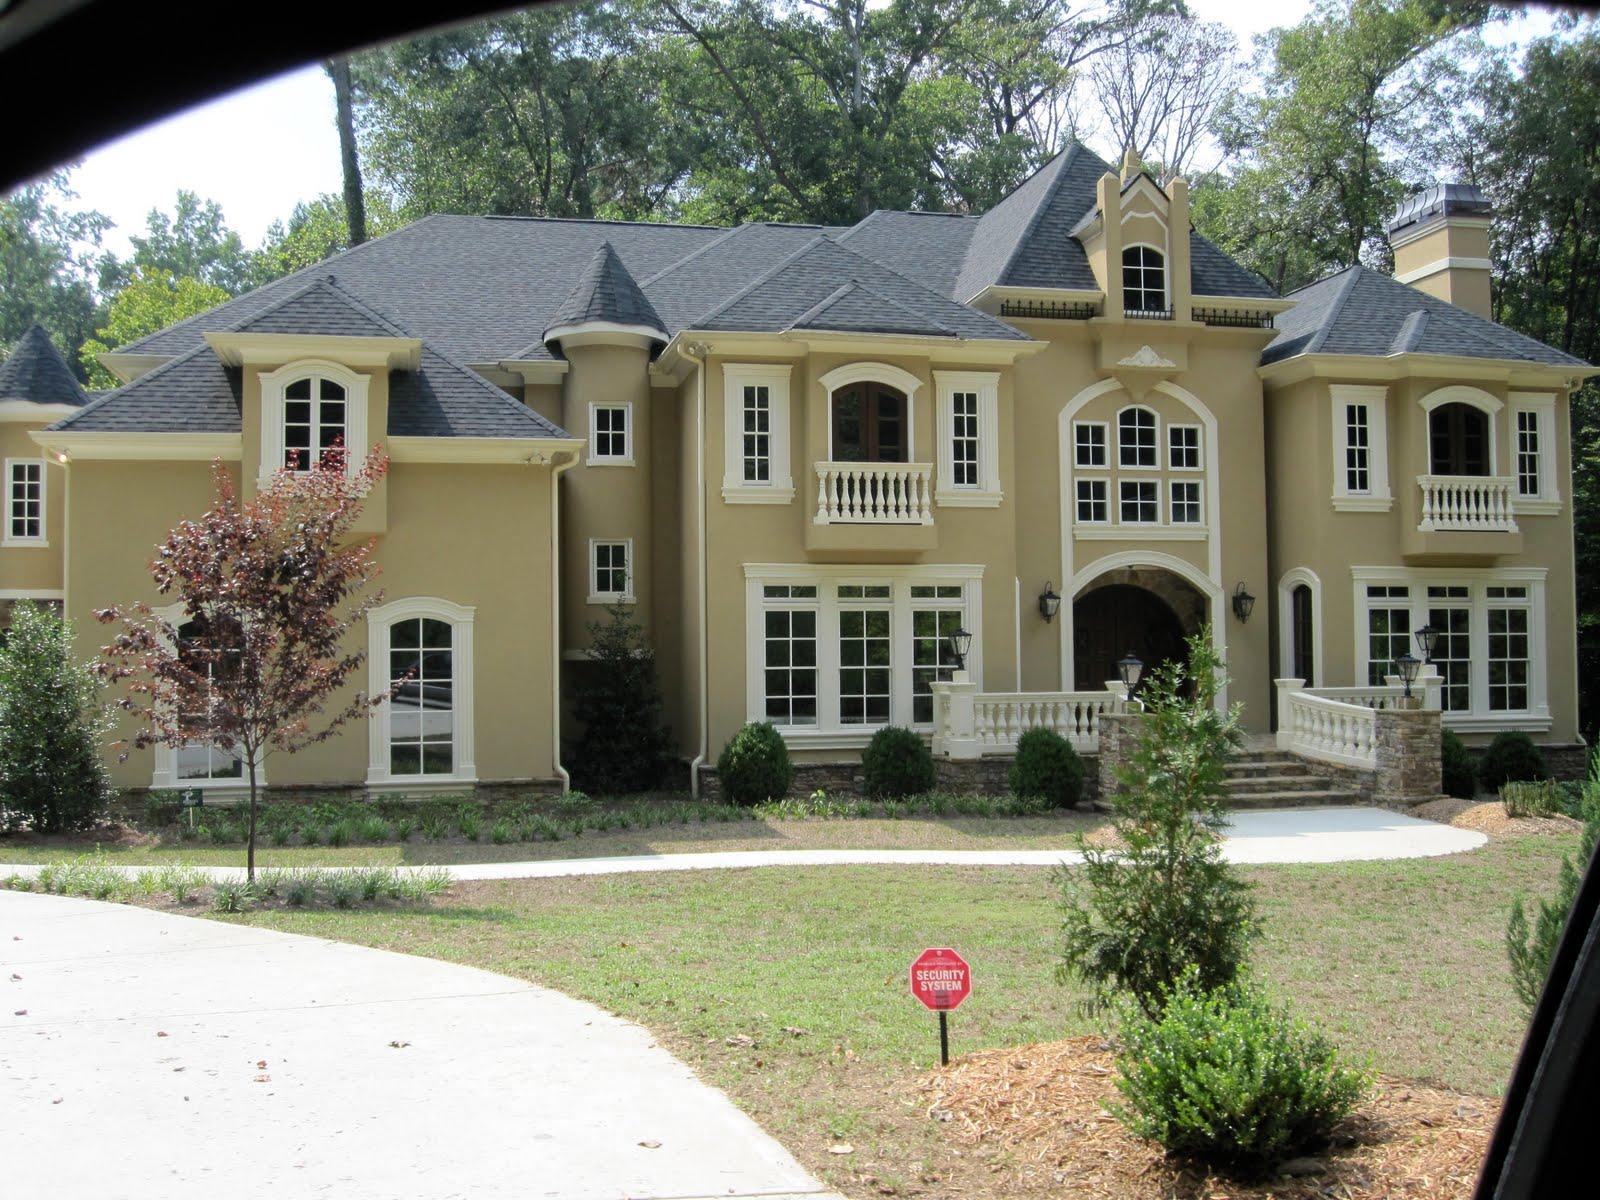 No 18 E Dewey Smith Jr The House Of Hope Atlanta On